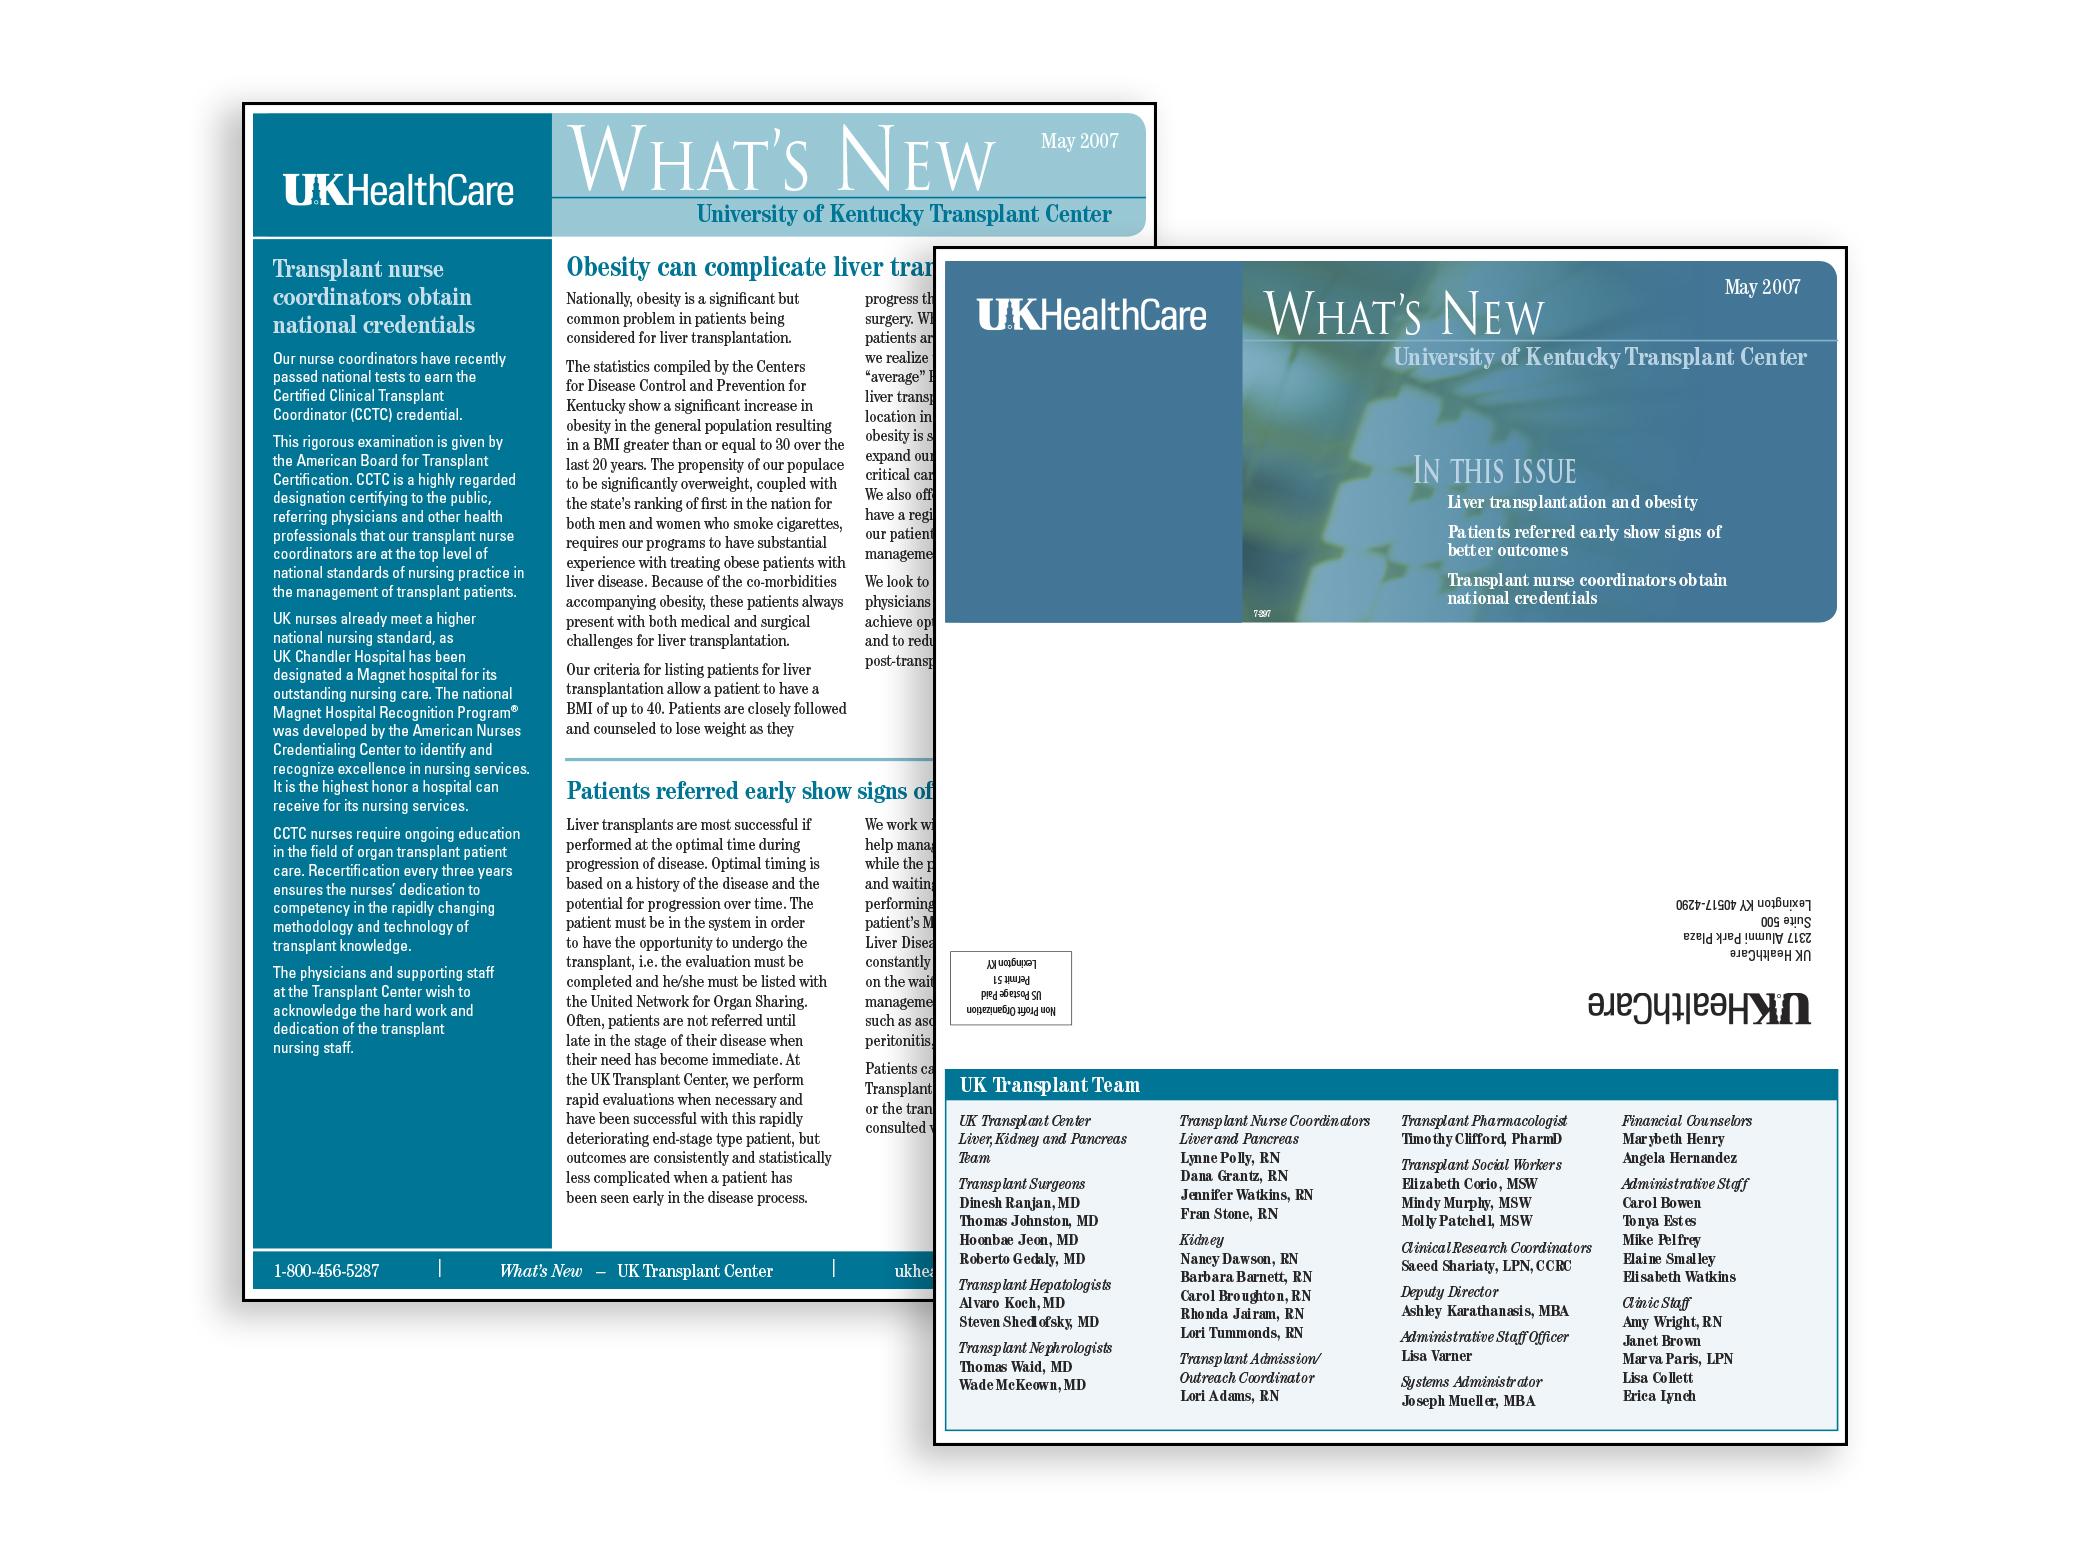 UK HealthCare Newsletter Geri Zakharia